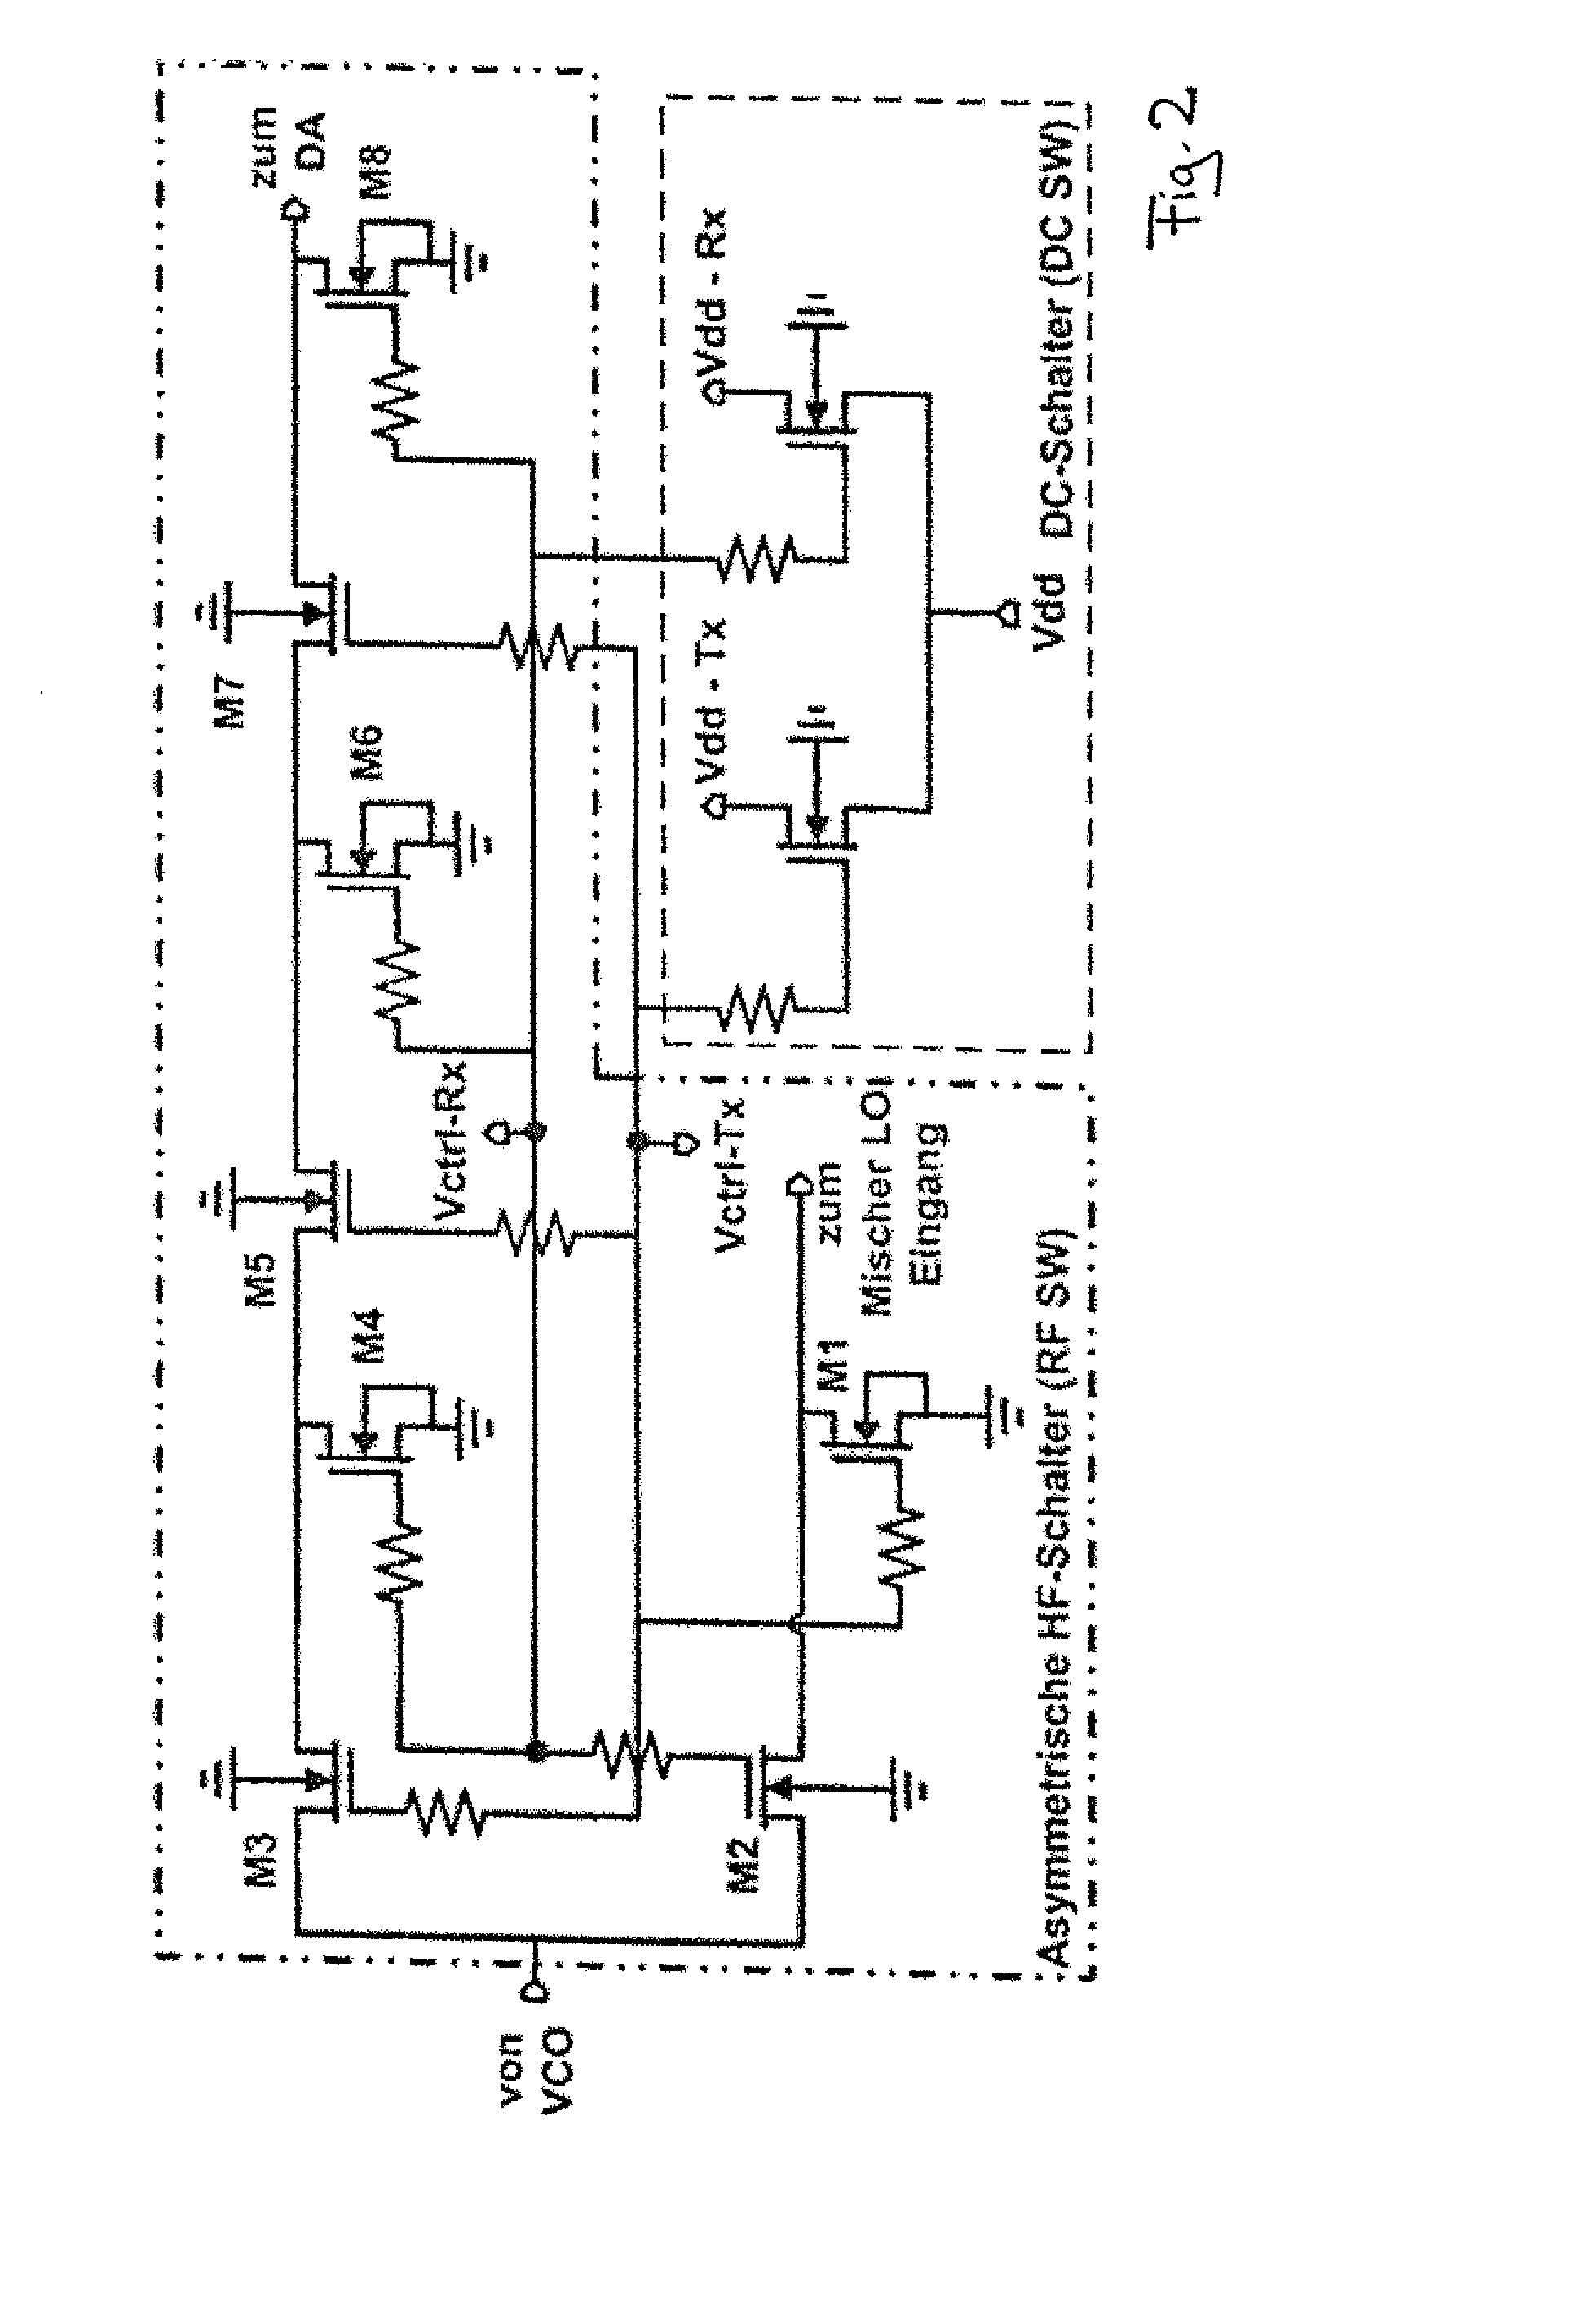 patent us20140292562